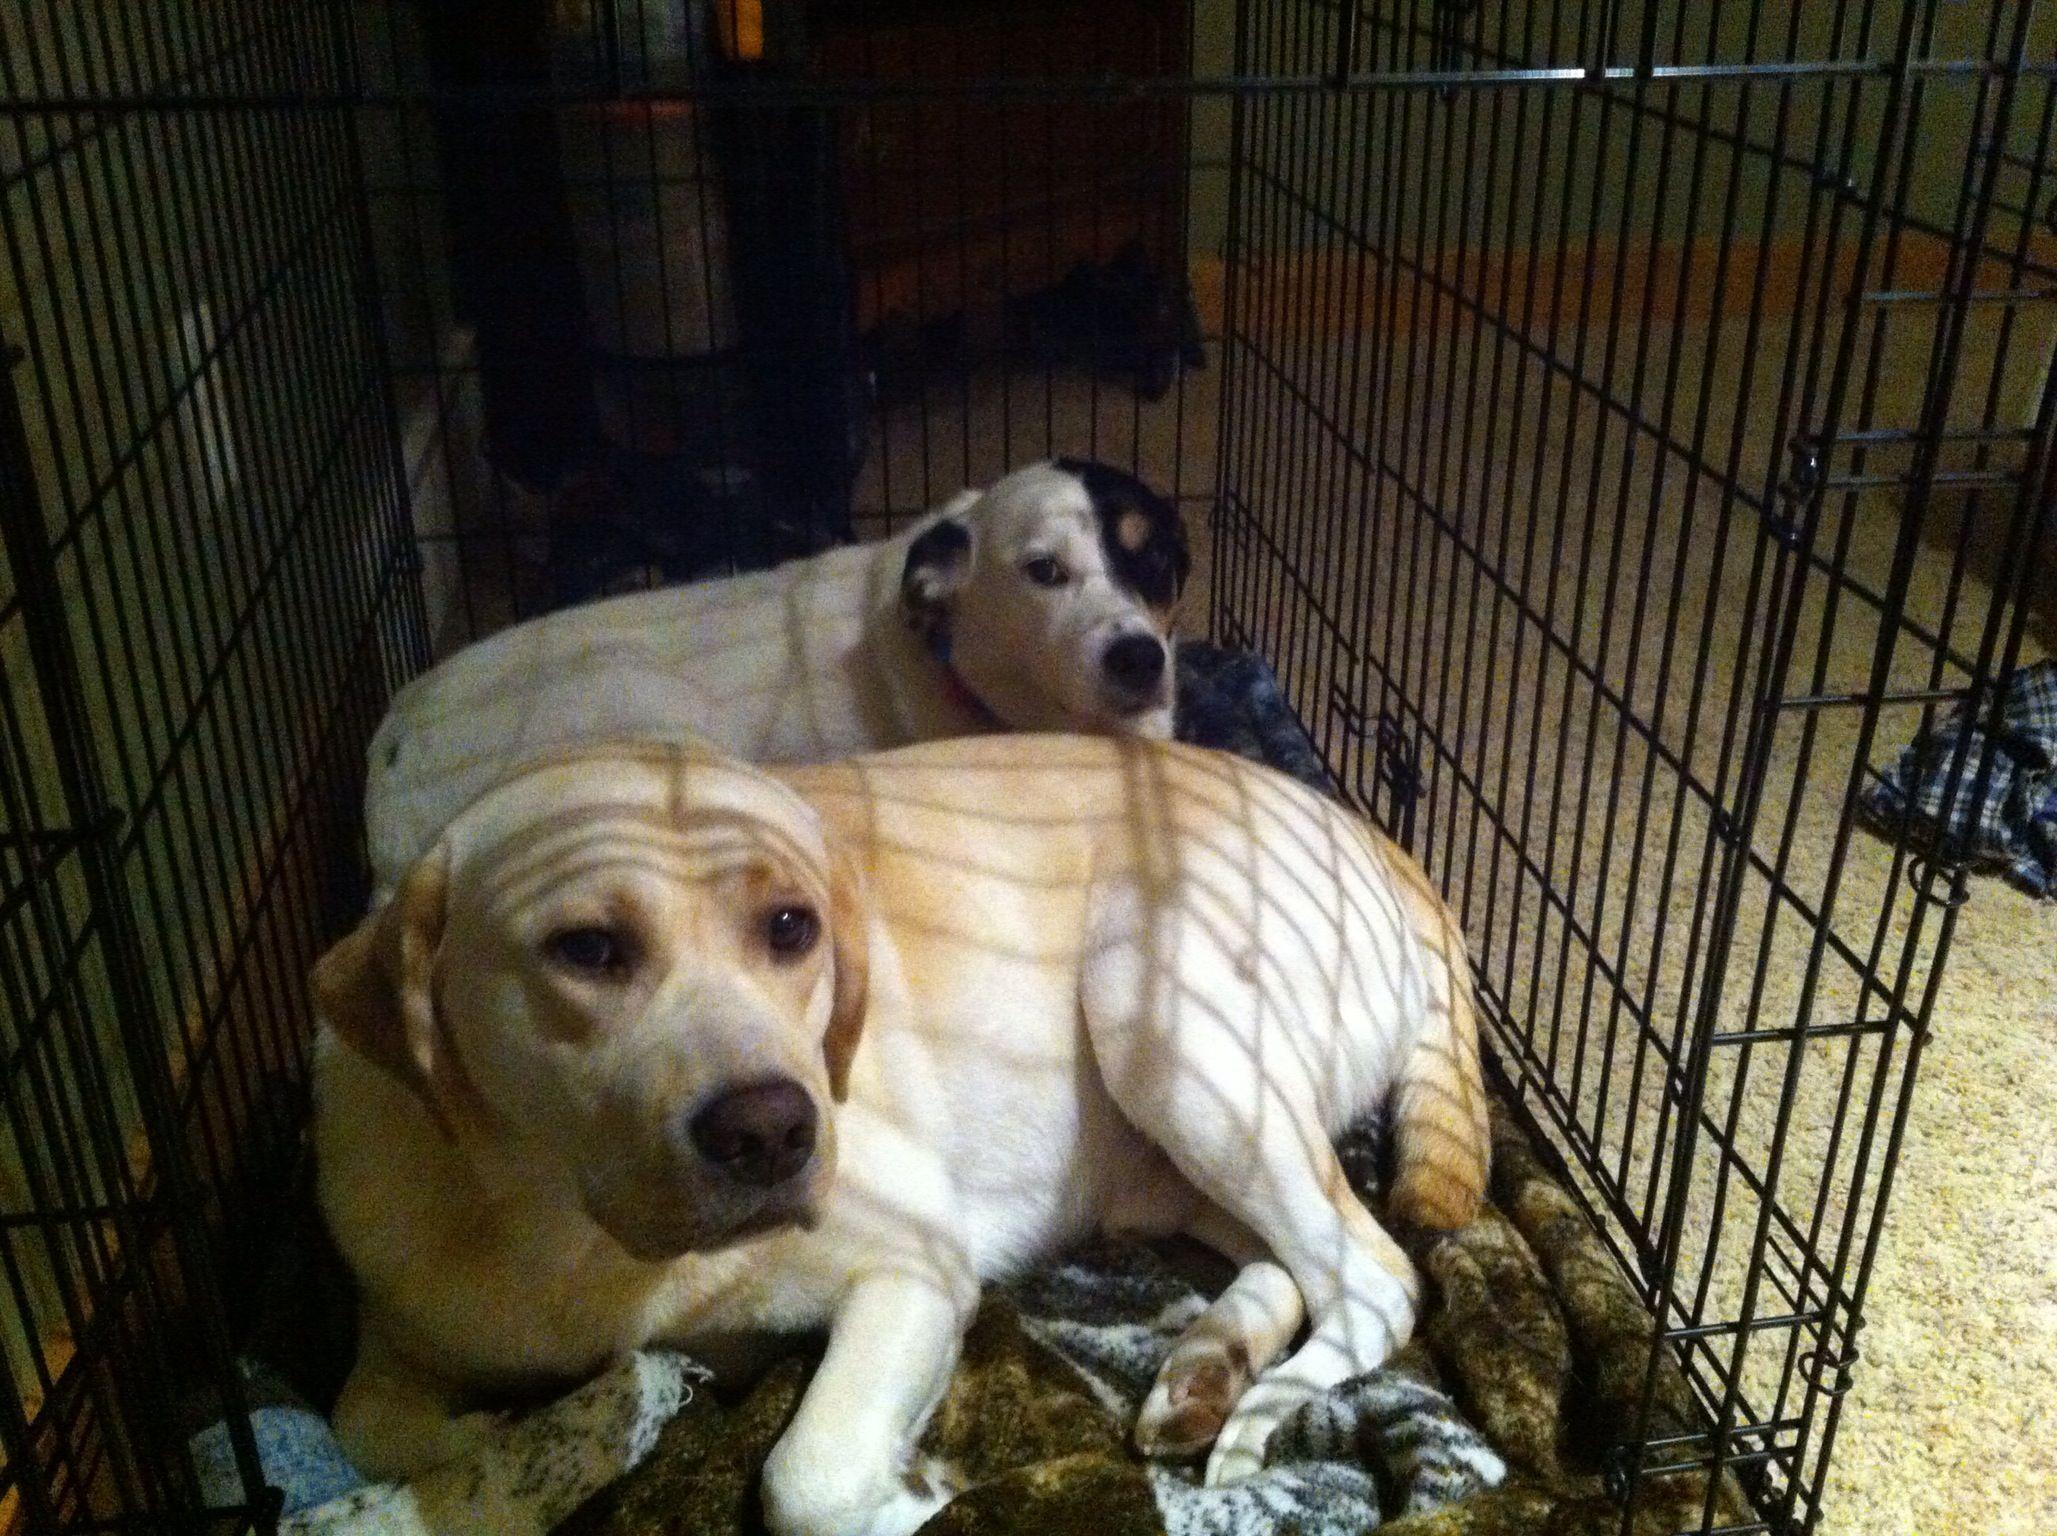 Buford (English Lab) and Glory (English Setter Beagle mix